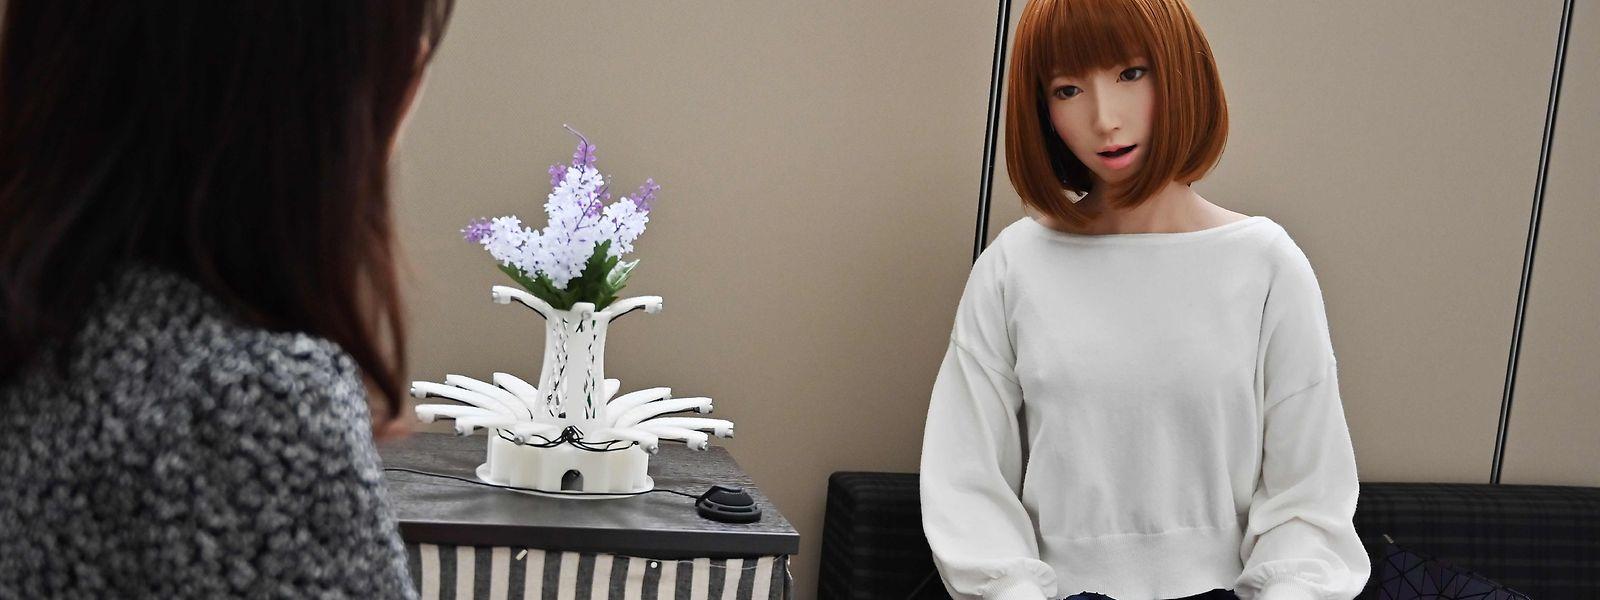 Im Labor des Roboterforschers Hiroshi Ishiguro unterhält sich eine Assistentin mit dem weiblichen Androiden Geminoid F.